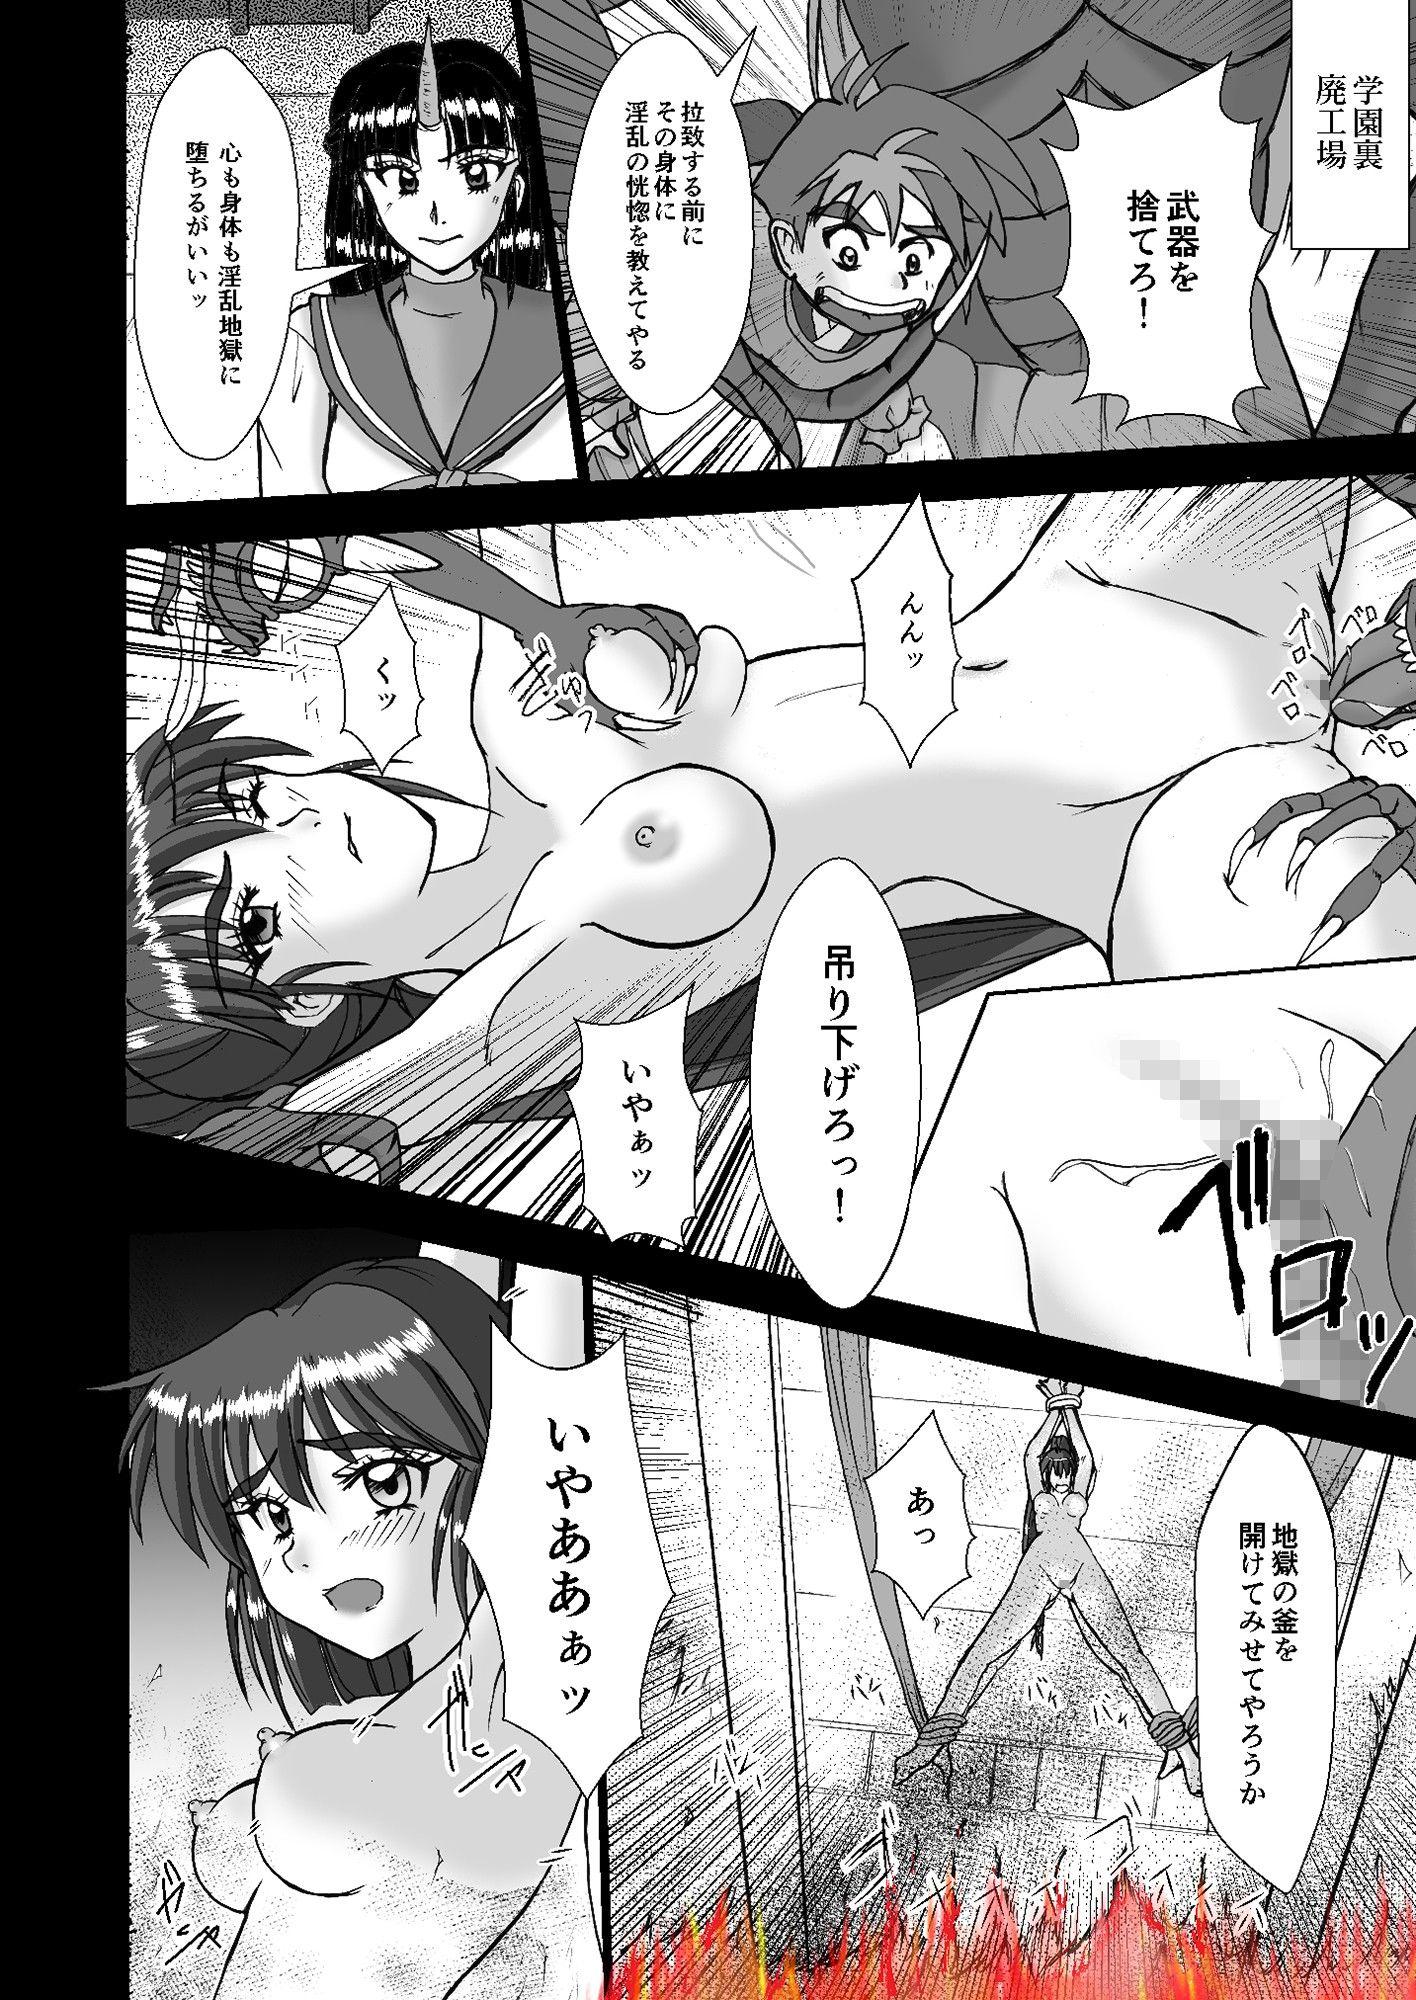 淫獣大聖戦 肆 零 姉妹肉牢編DL版のサンプル画像1